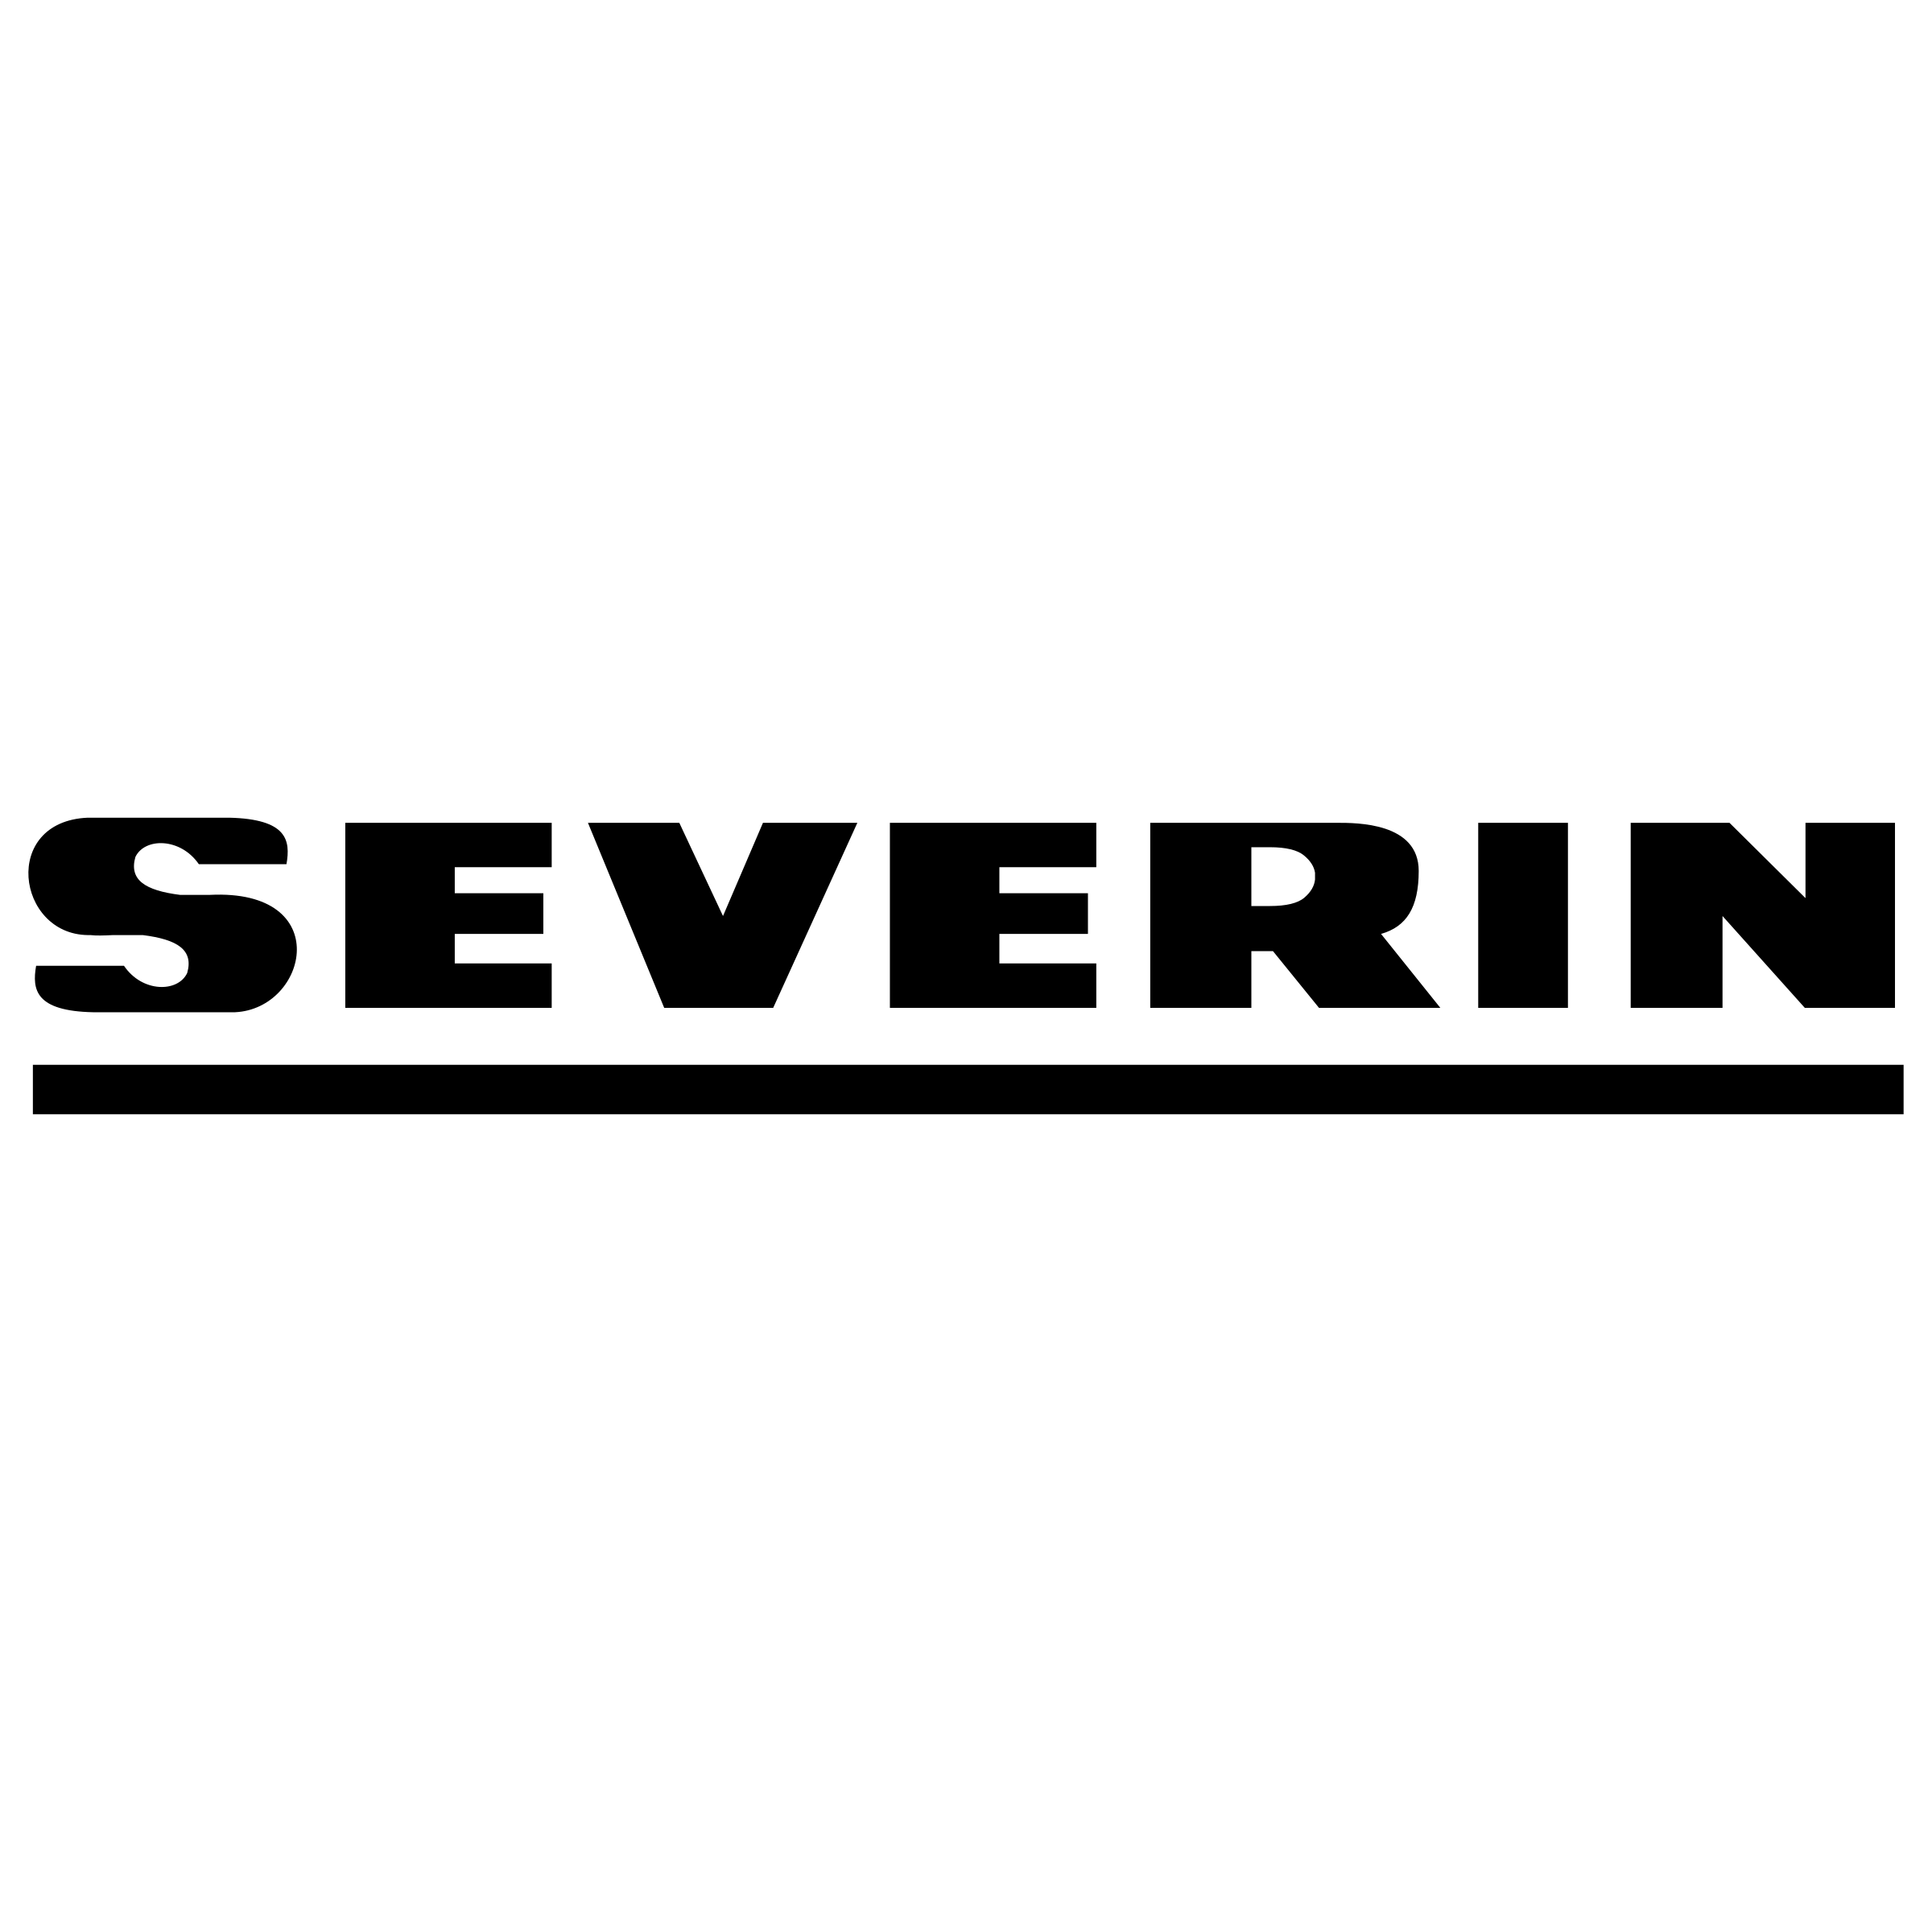 severin-logo-png-transparent